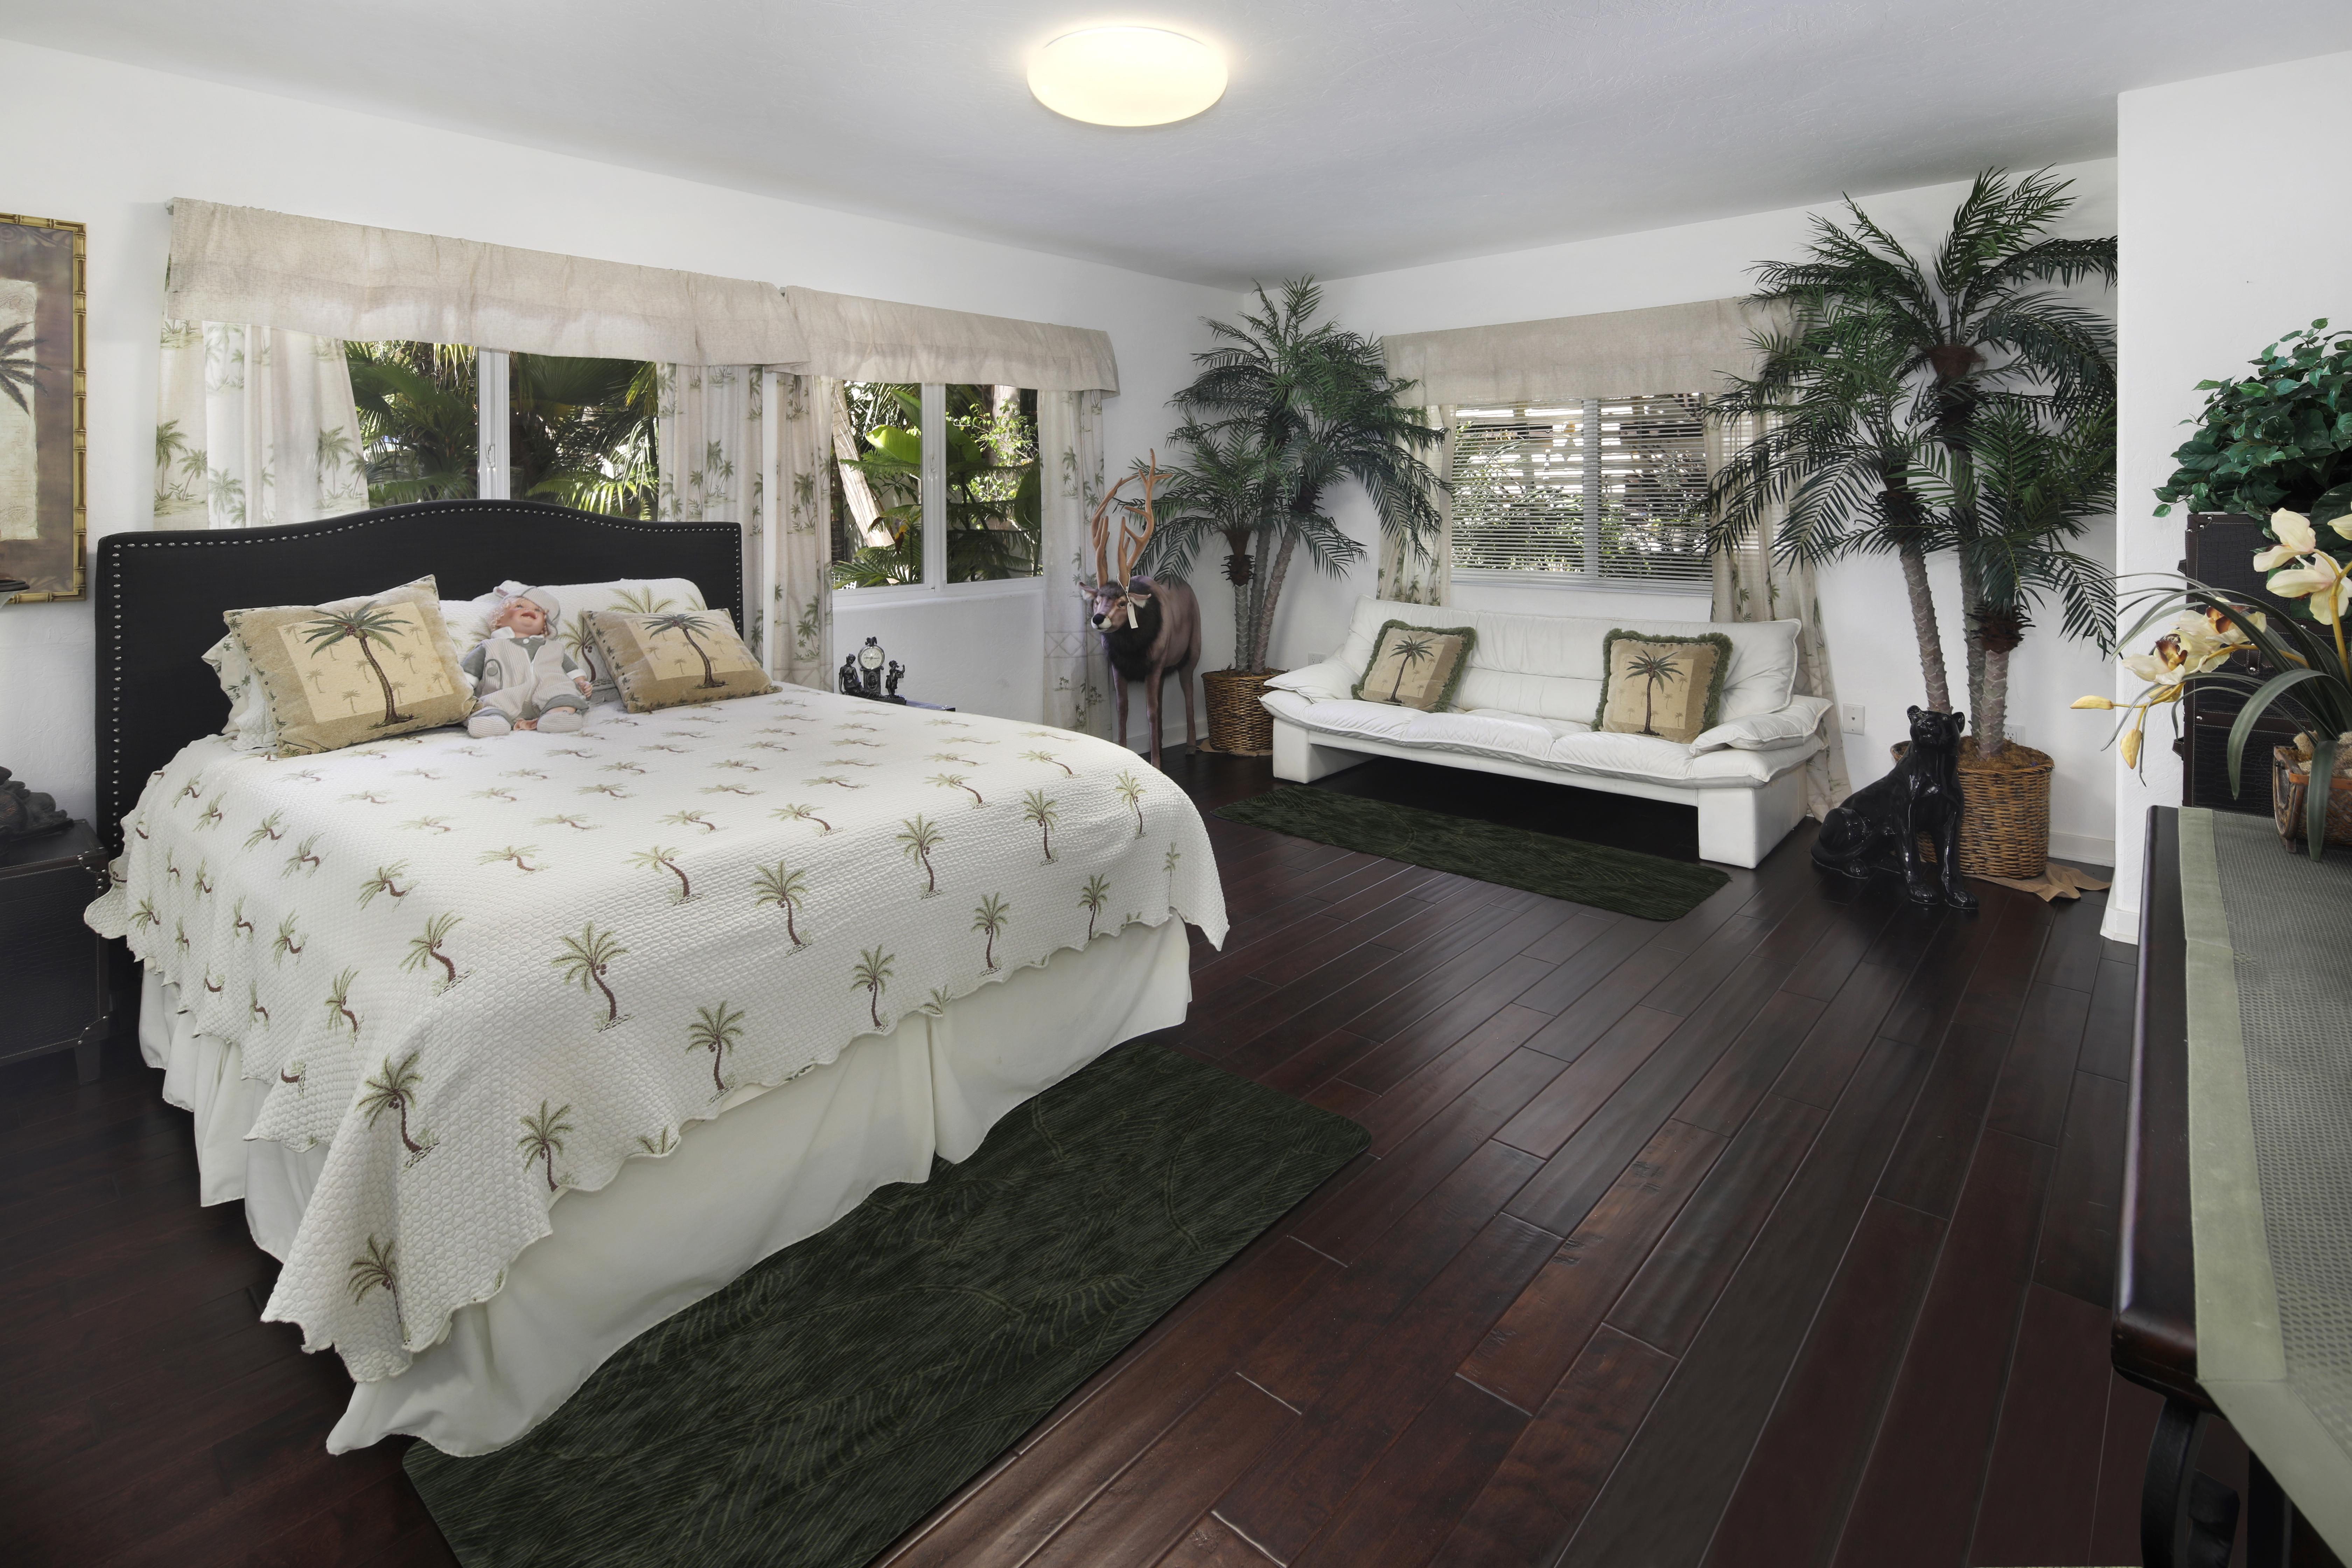 Фотография спальни Интерьер диване Кровать Подушки дизайна Спальня спальне Диван кровате кровати подушка Дизайн